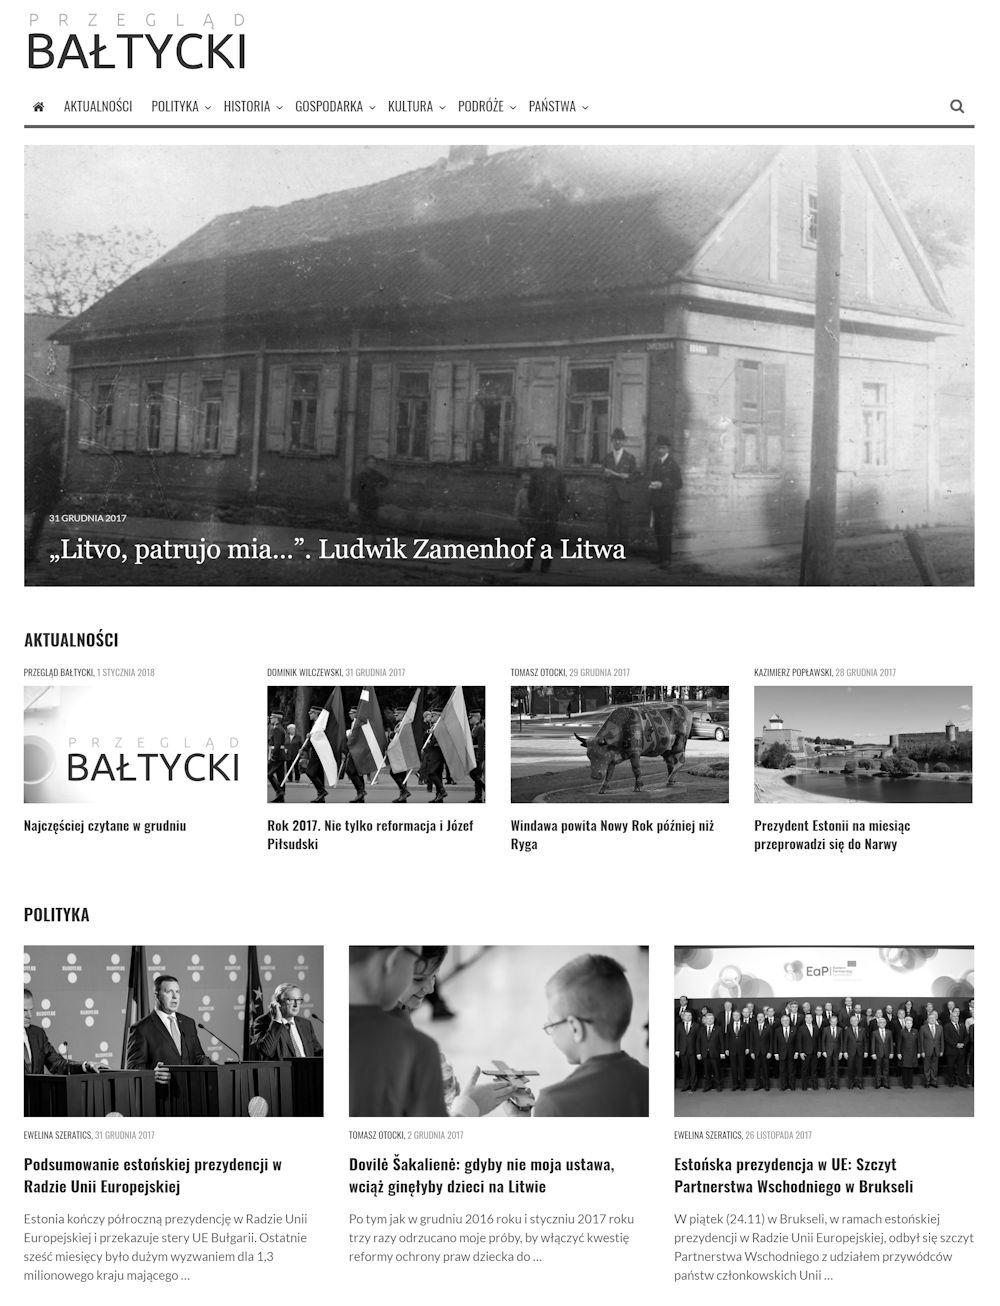 Rok 2017 w Przeglądzie Bałtyckim